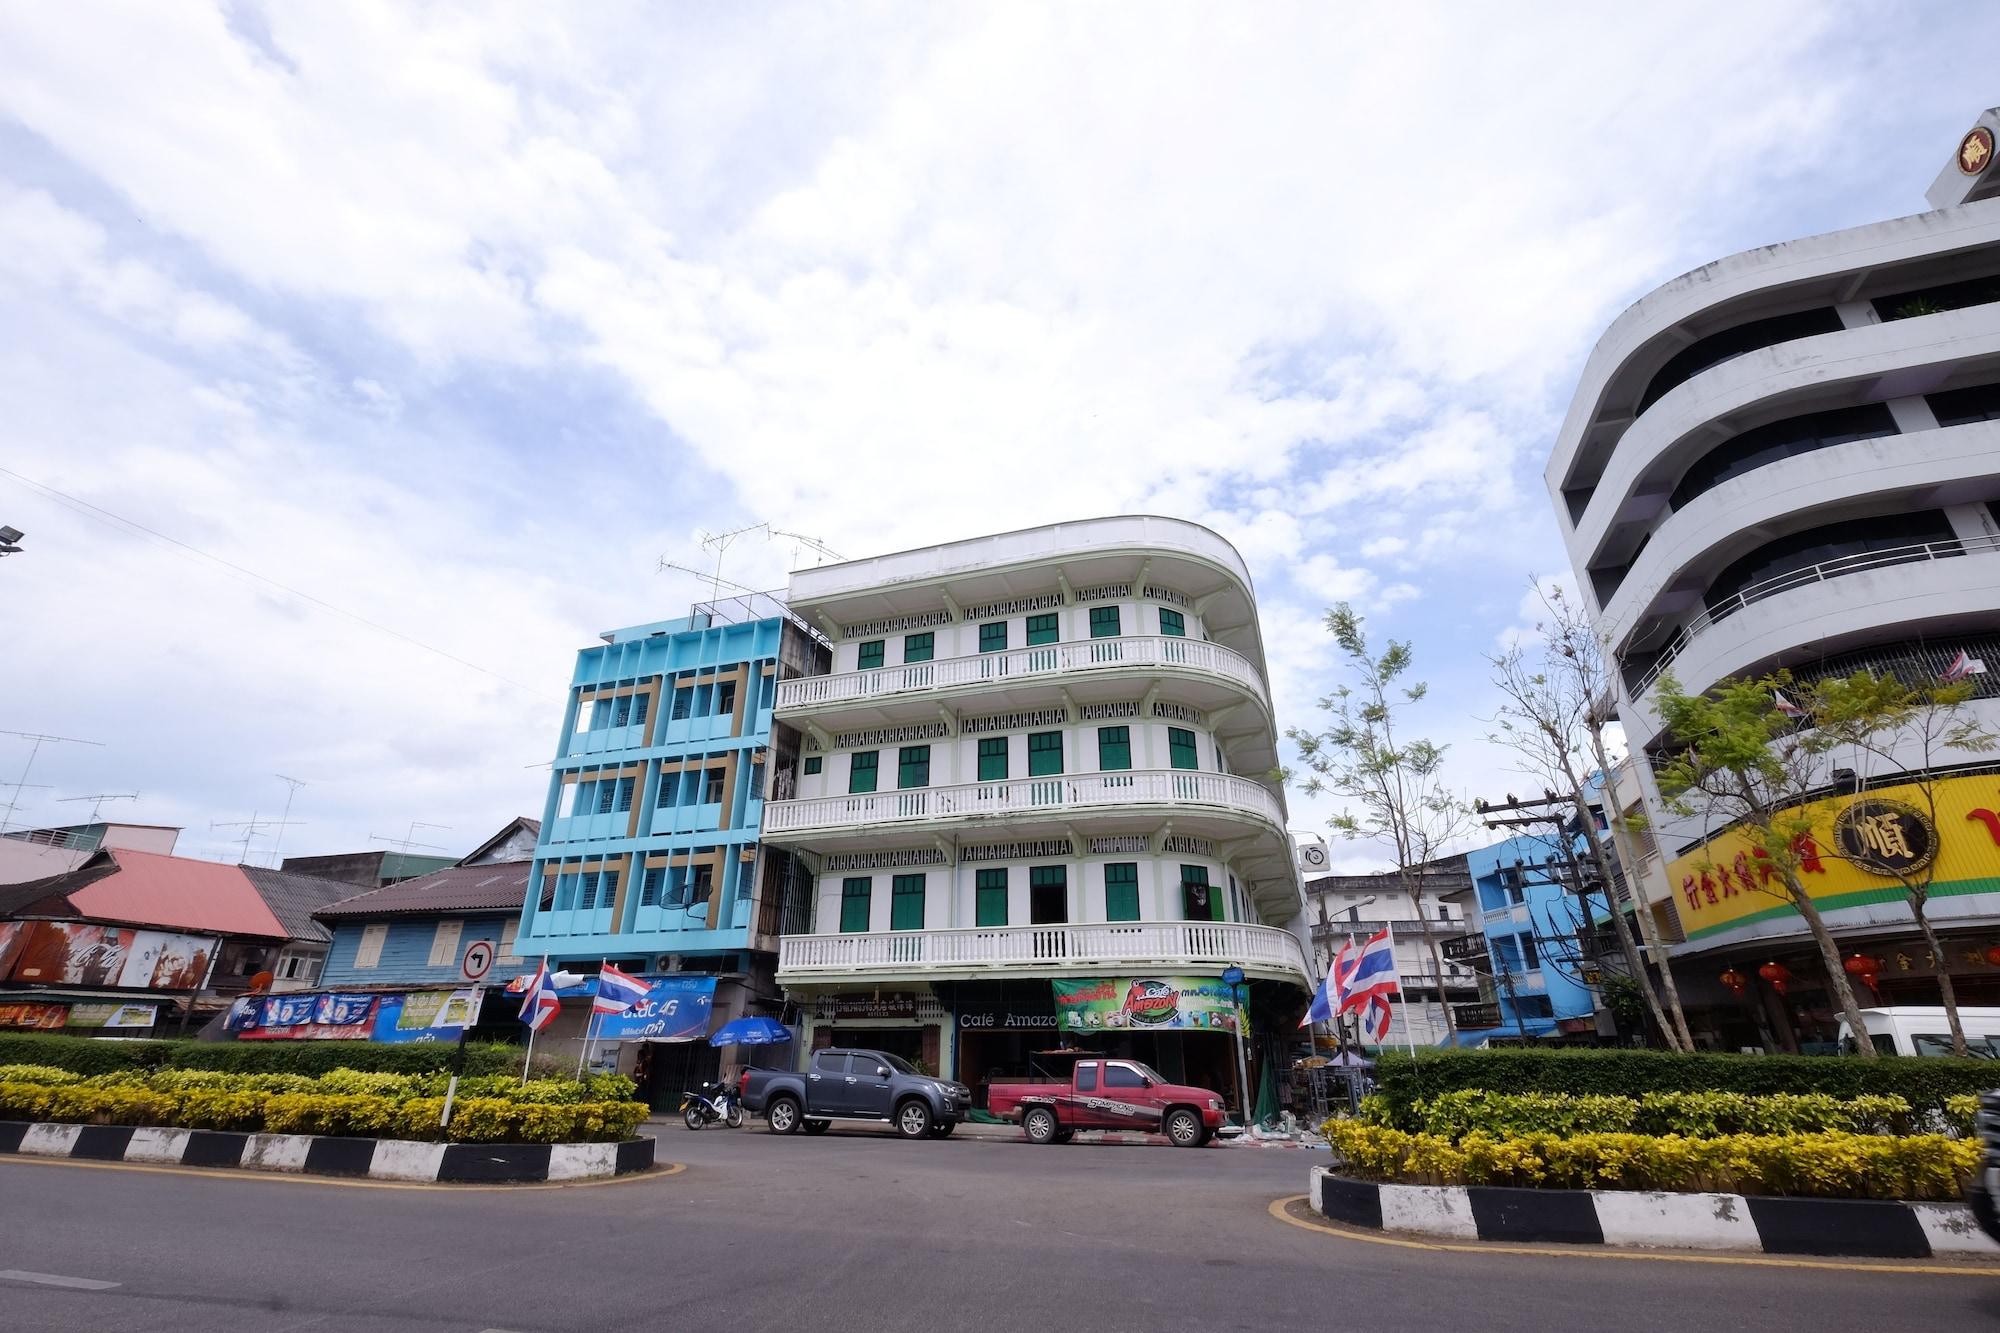 Hotel Jing Jing, Muang Trang